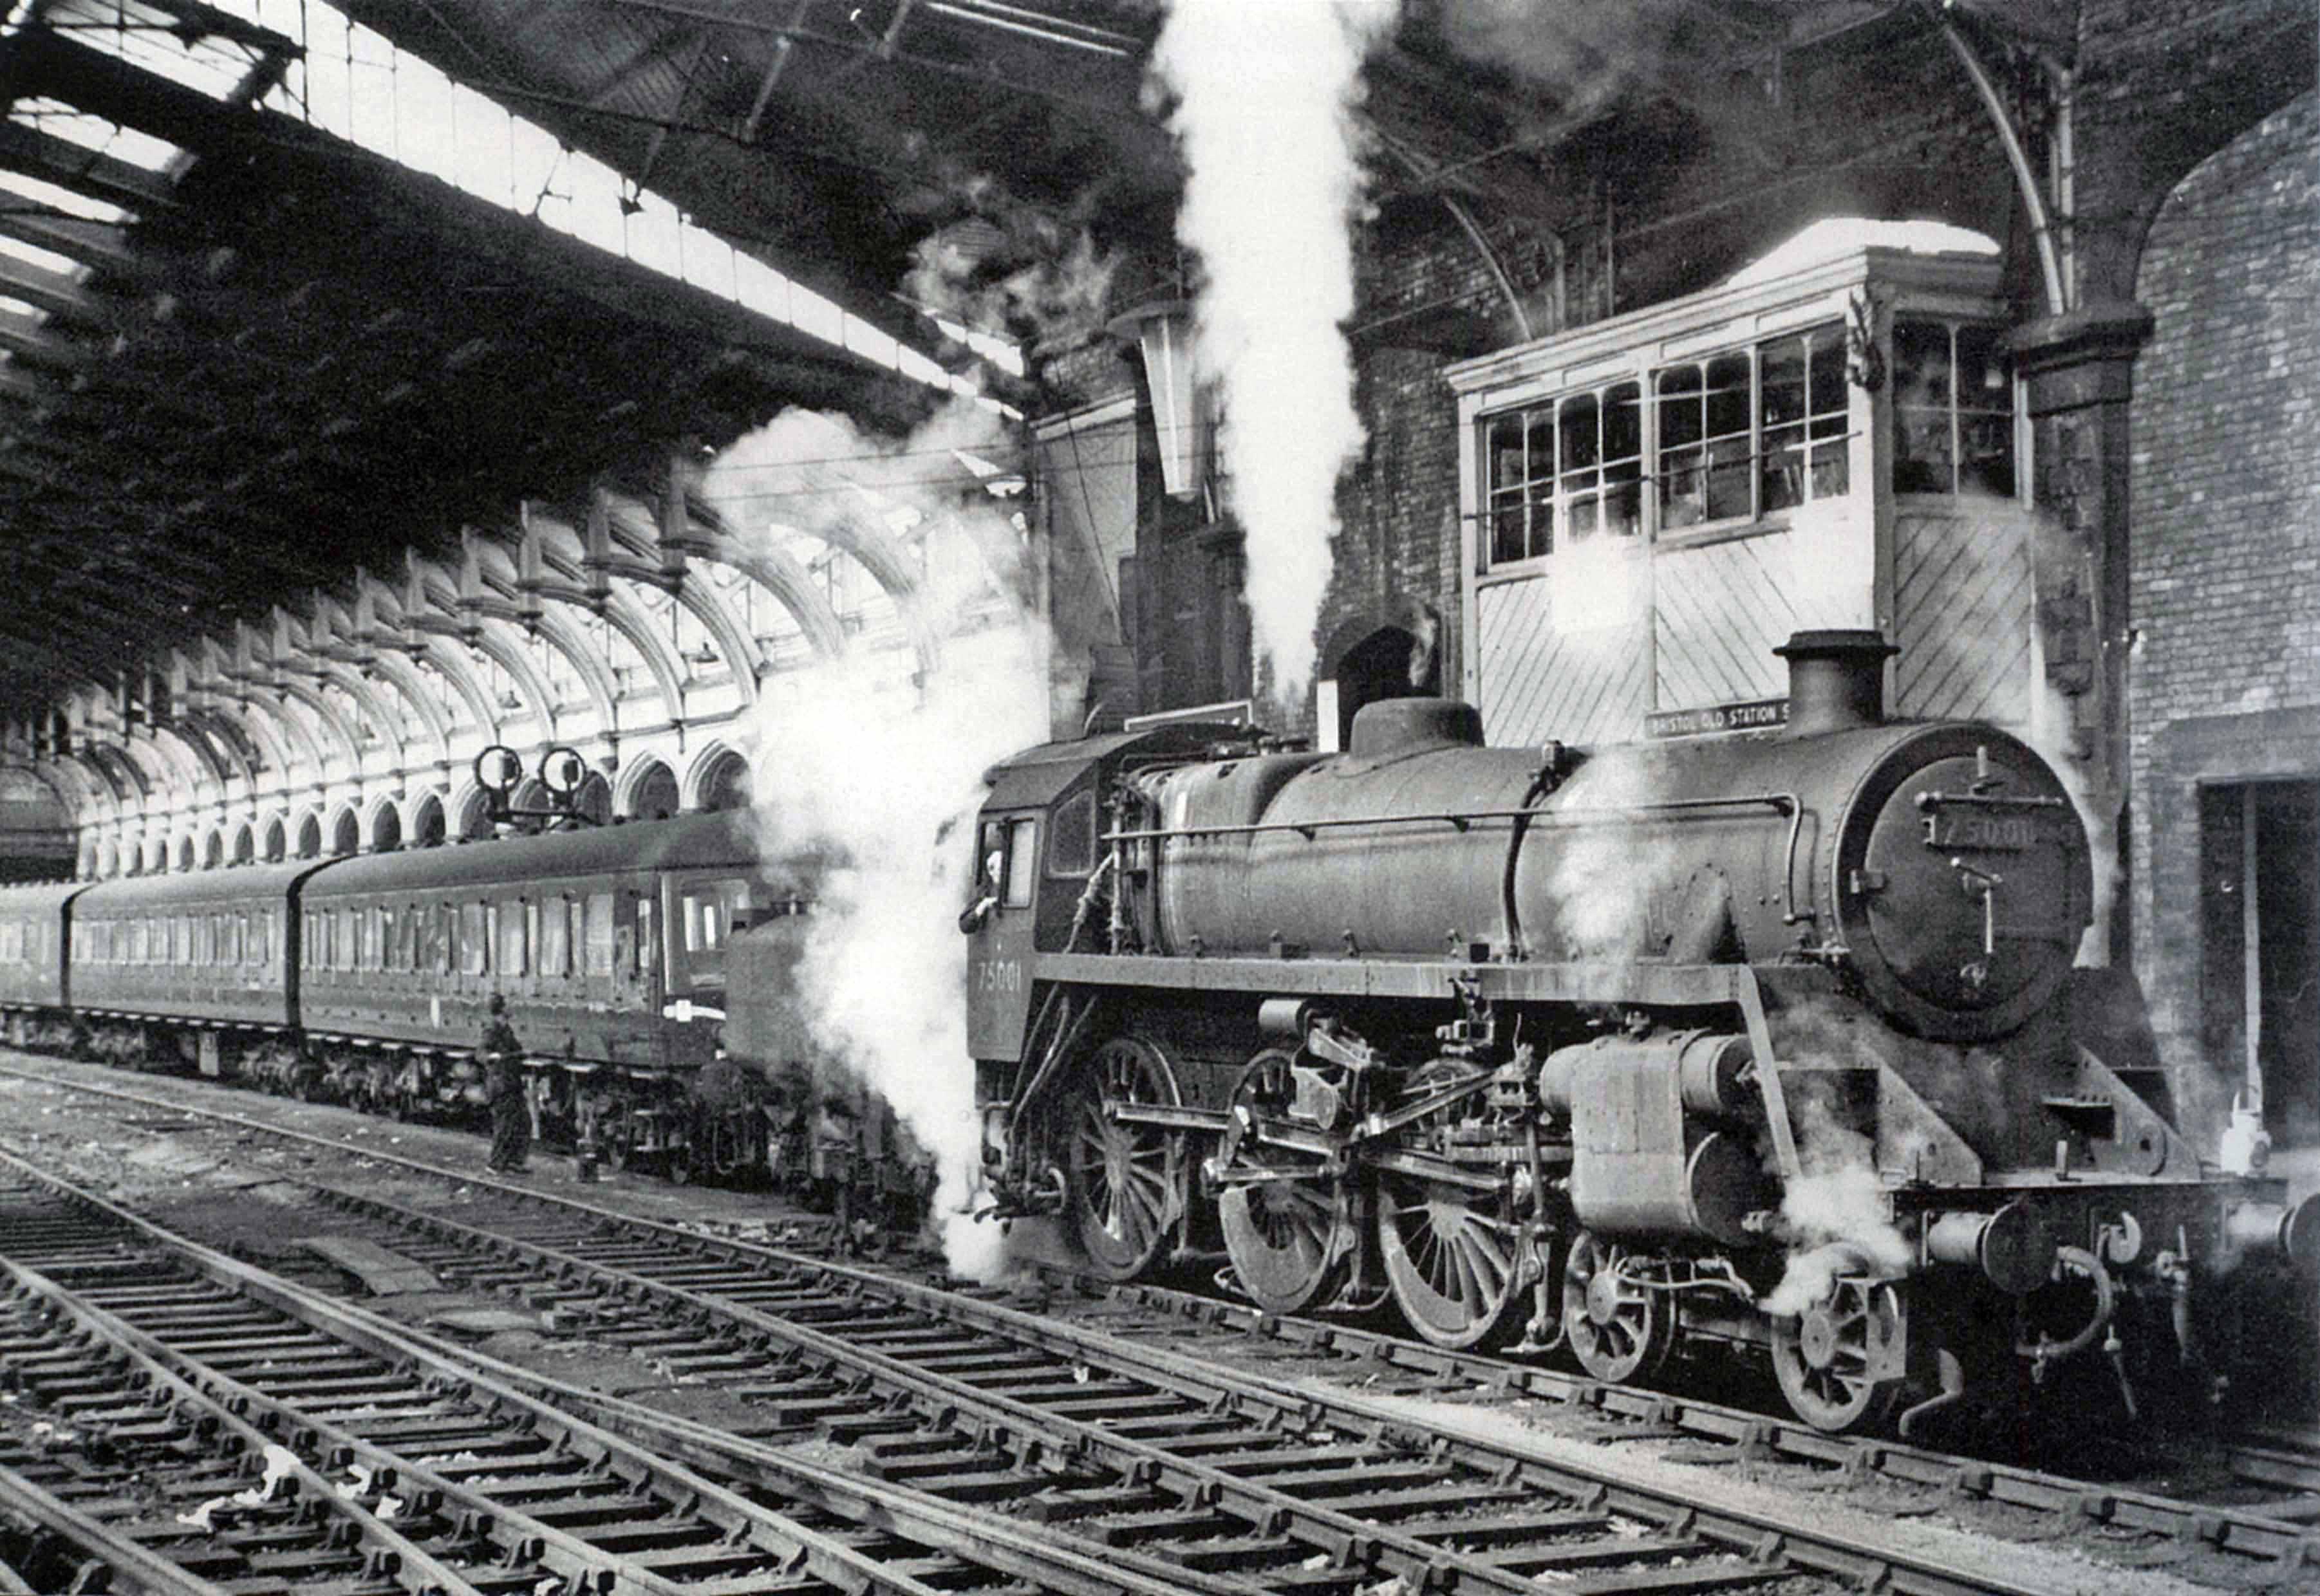 Old Train Station Inside